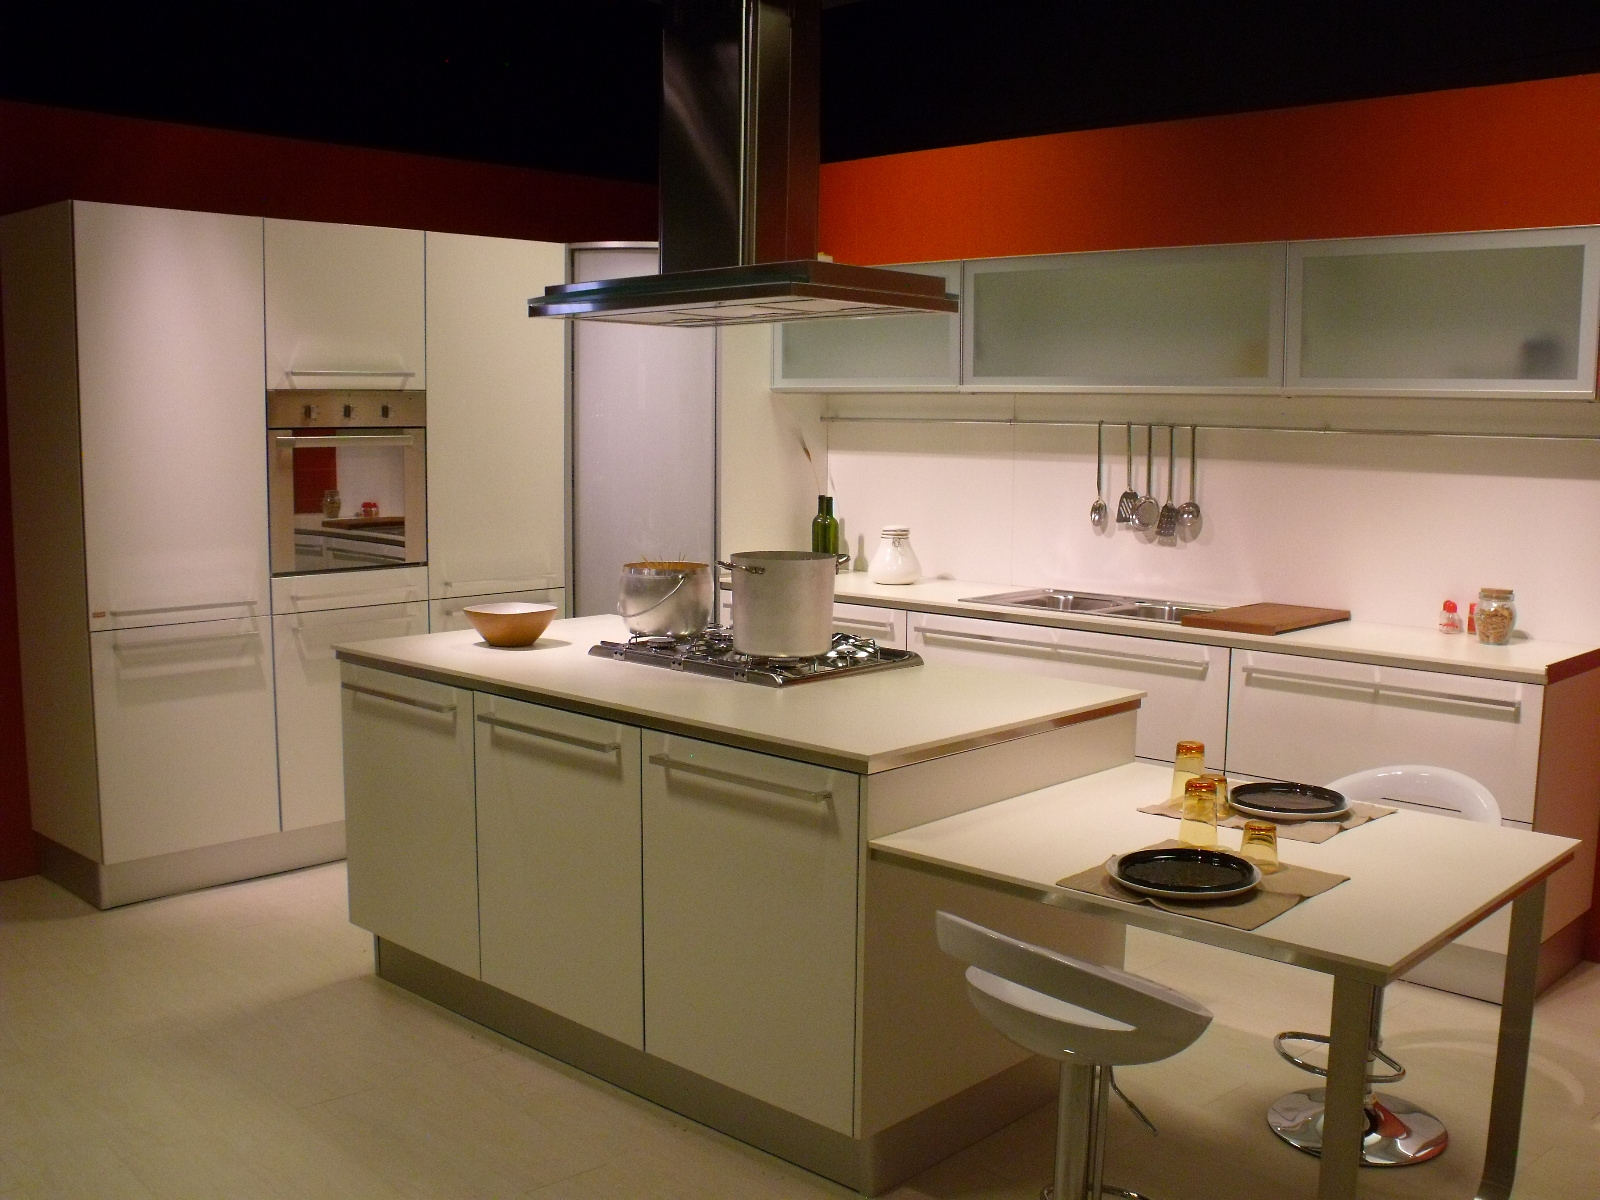 Disegnare una cucina scegli il modello with disegnare una - Disegnare una cucina componibile ...